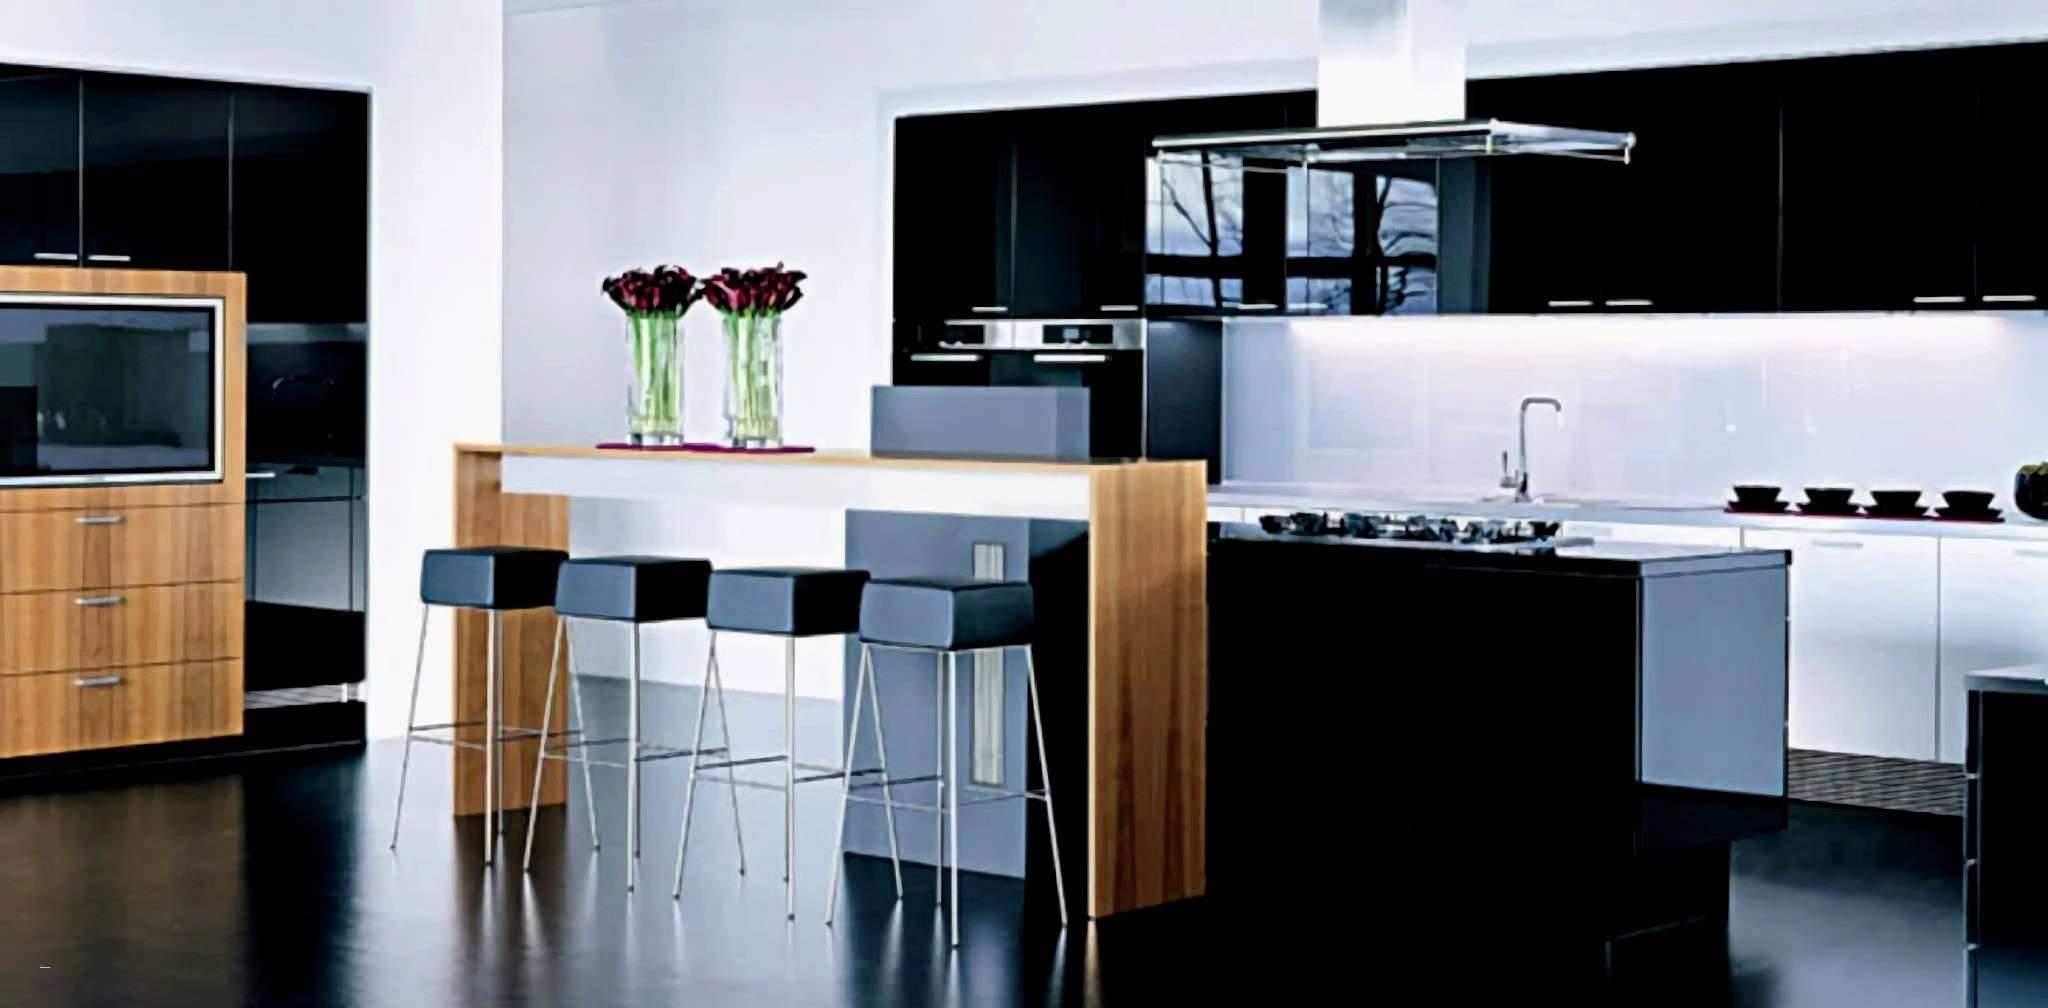 Full Size of Ikea Küche Planen Termin Ikea Küche Planen Lassen Erfahrung Küche Planen Und Bestellen Kleine Küche Planen Tipps Küche Küche Planen